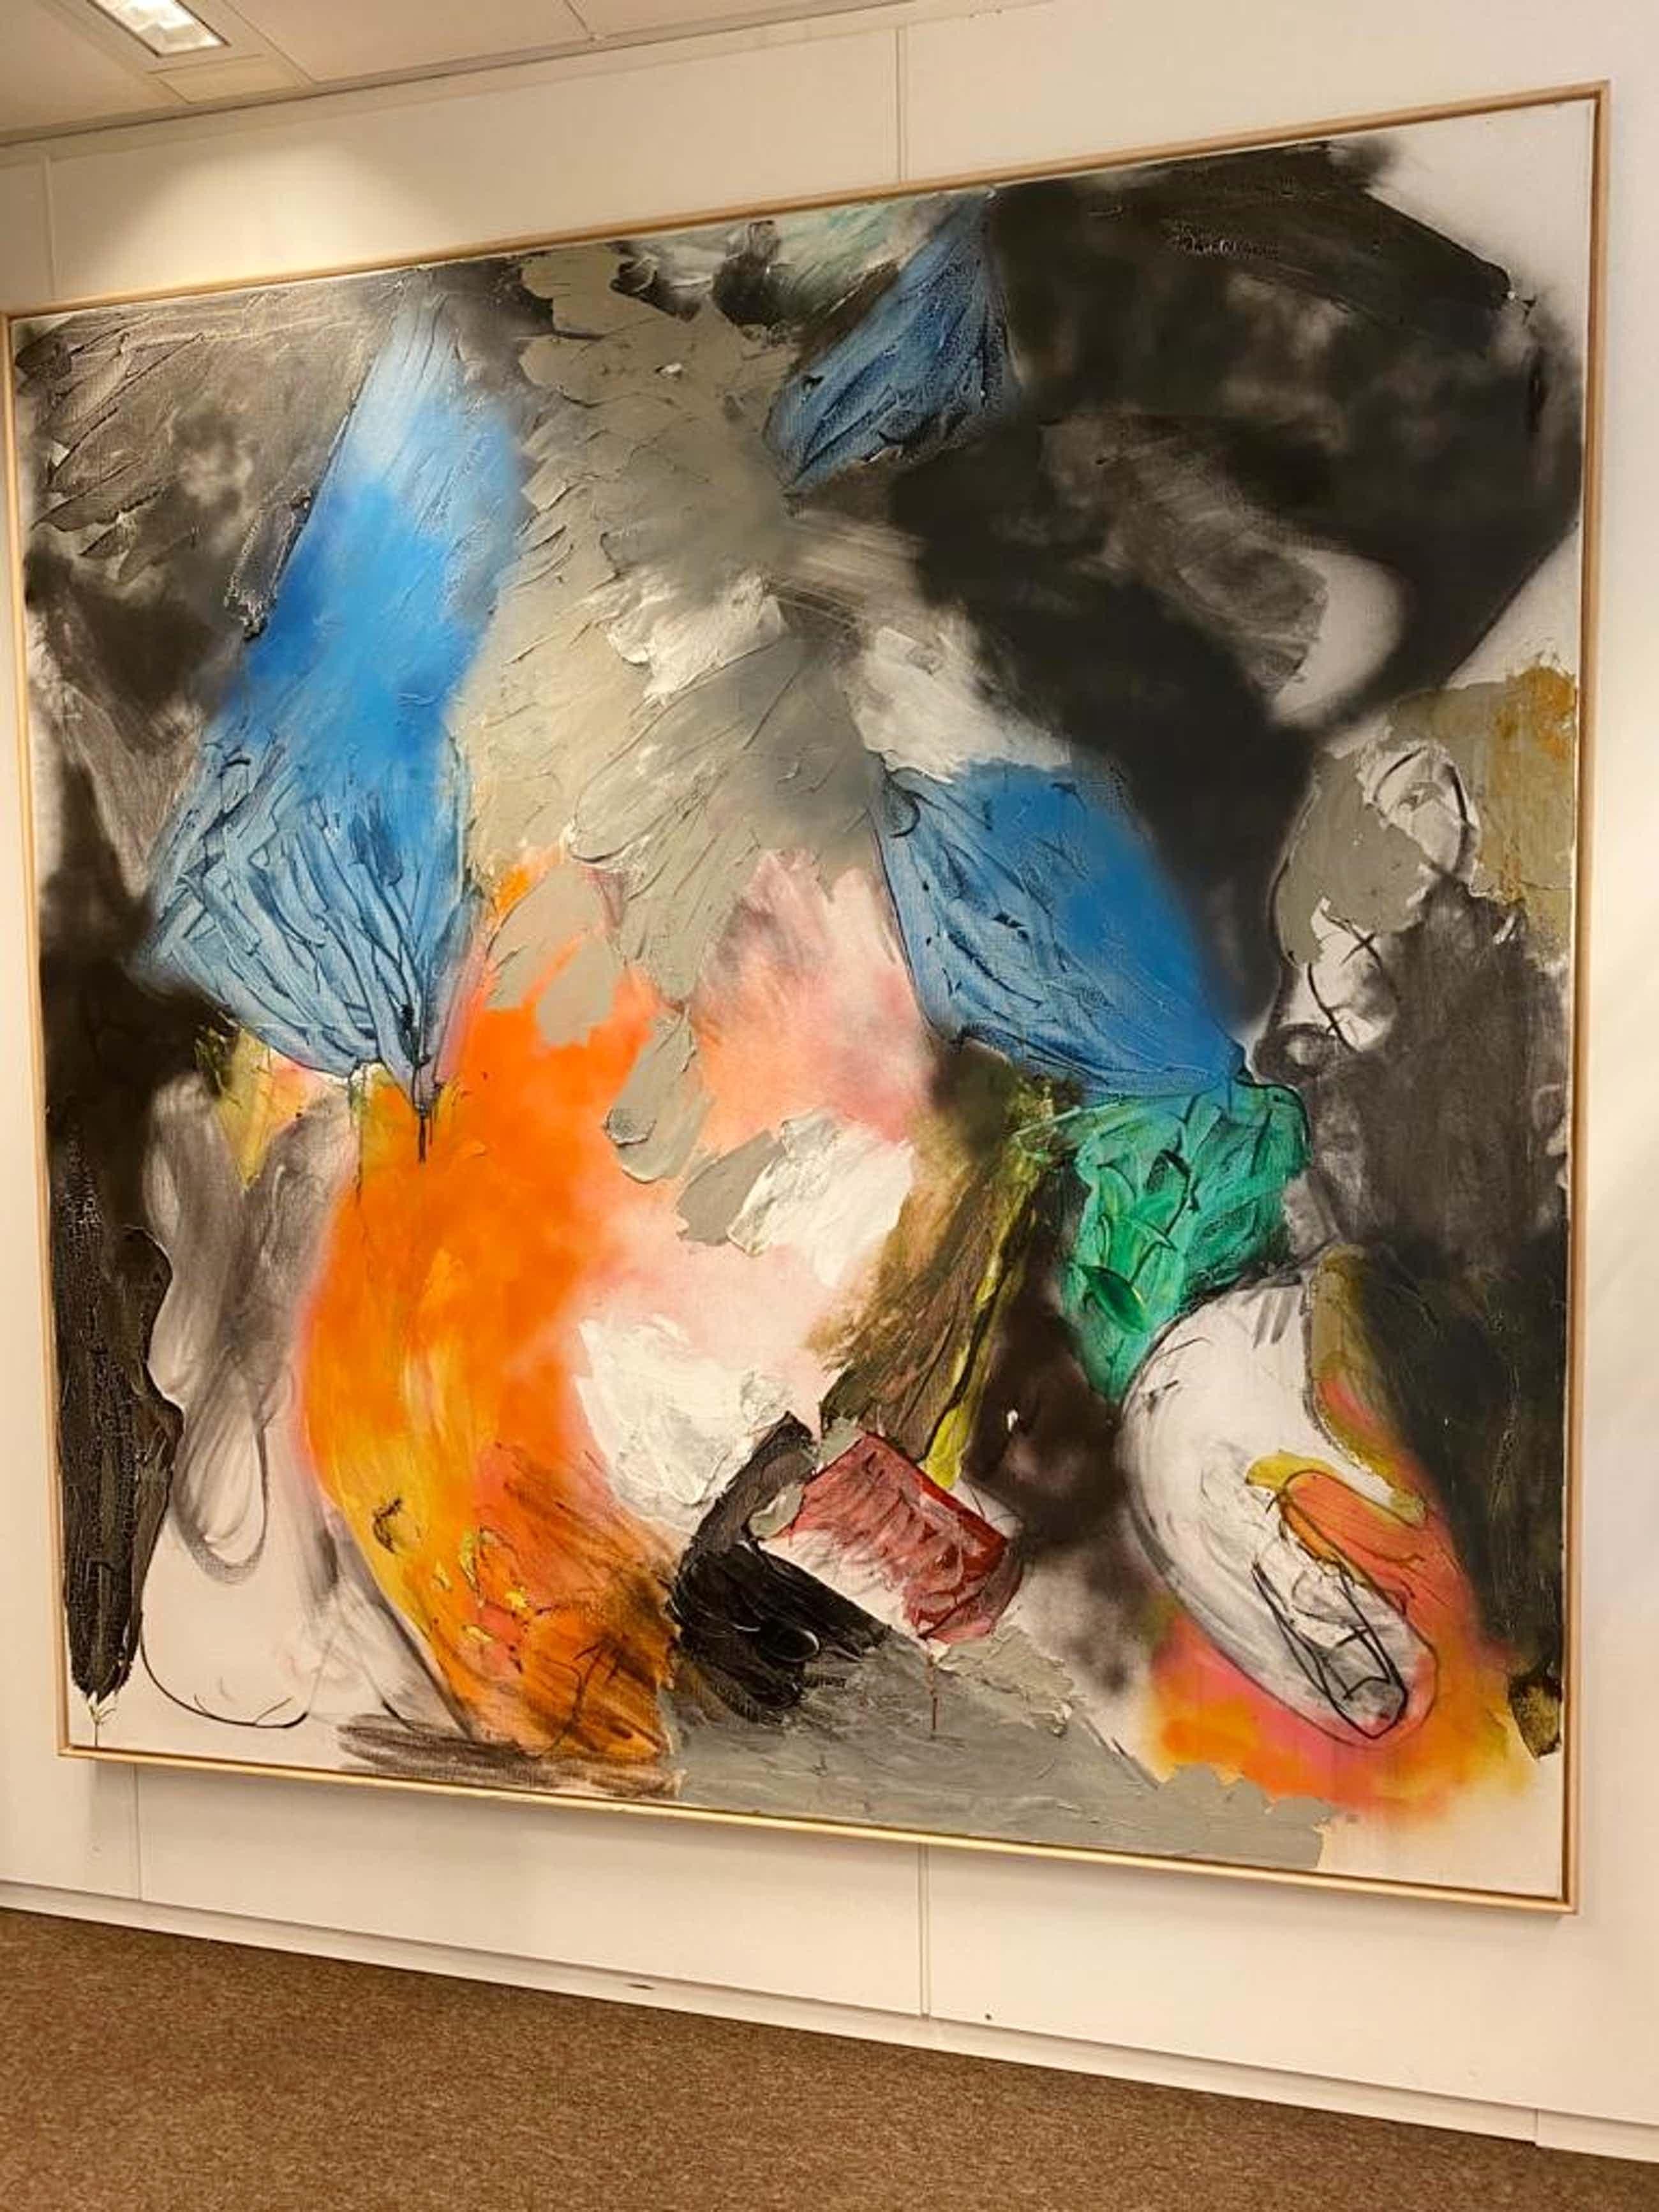 Ger Lataster - Compositie olieverf/ airbrush op doek 200 x 200 gesigneerd en gedateerd '88 kopen? Bied vanaf 4450!